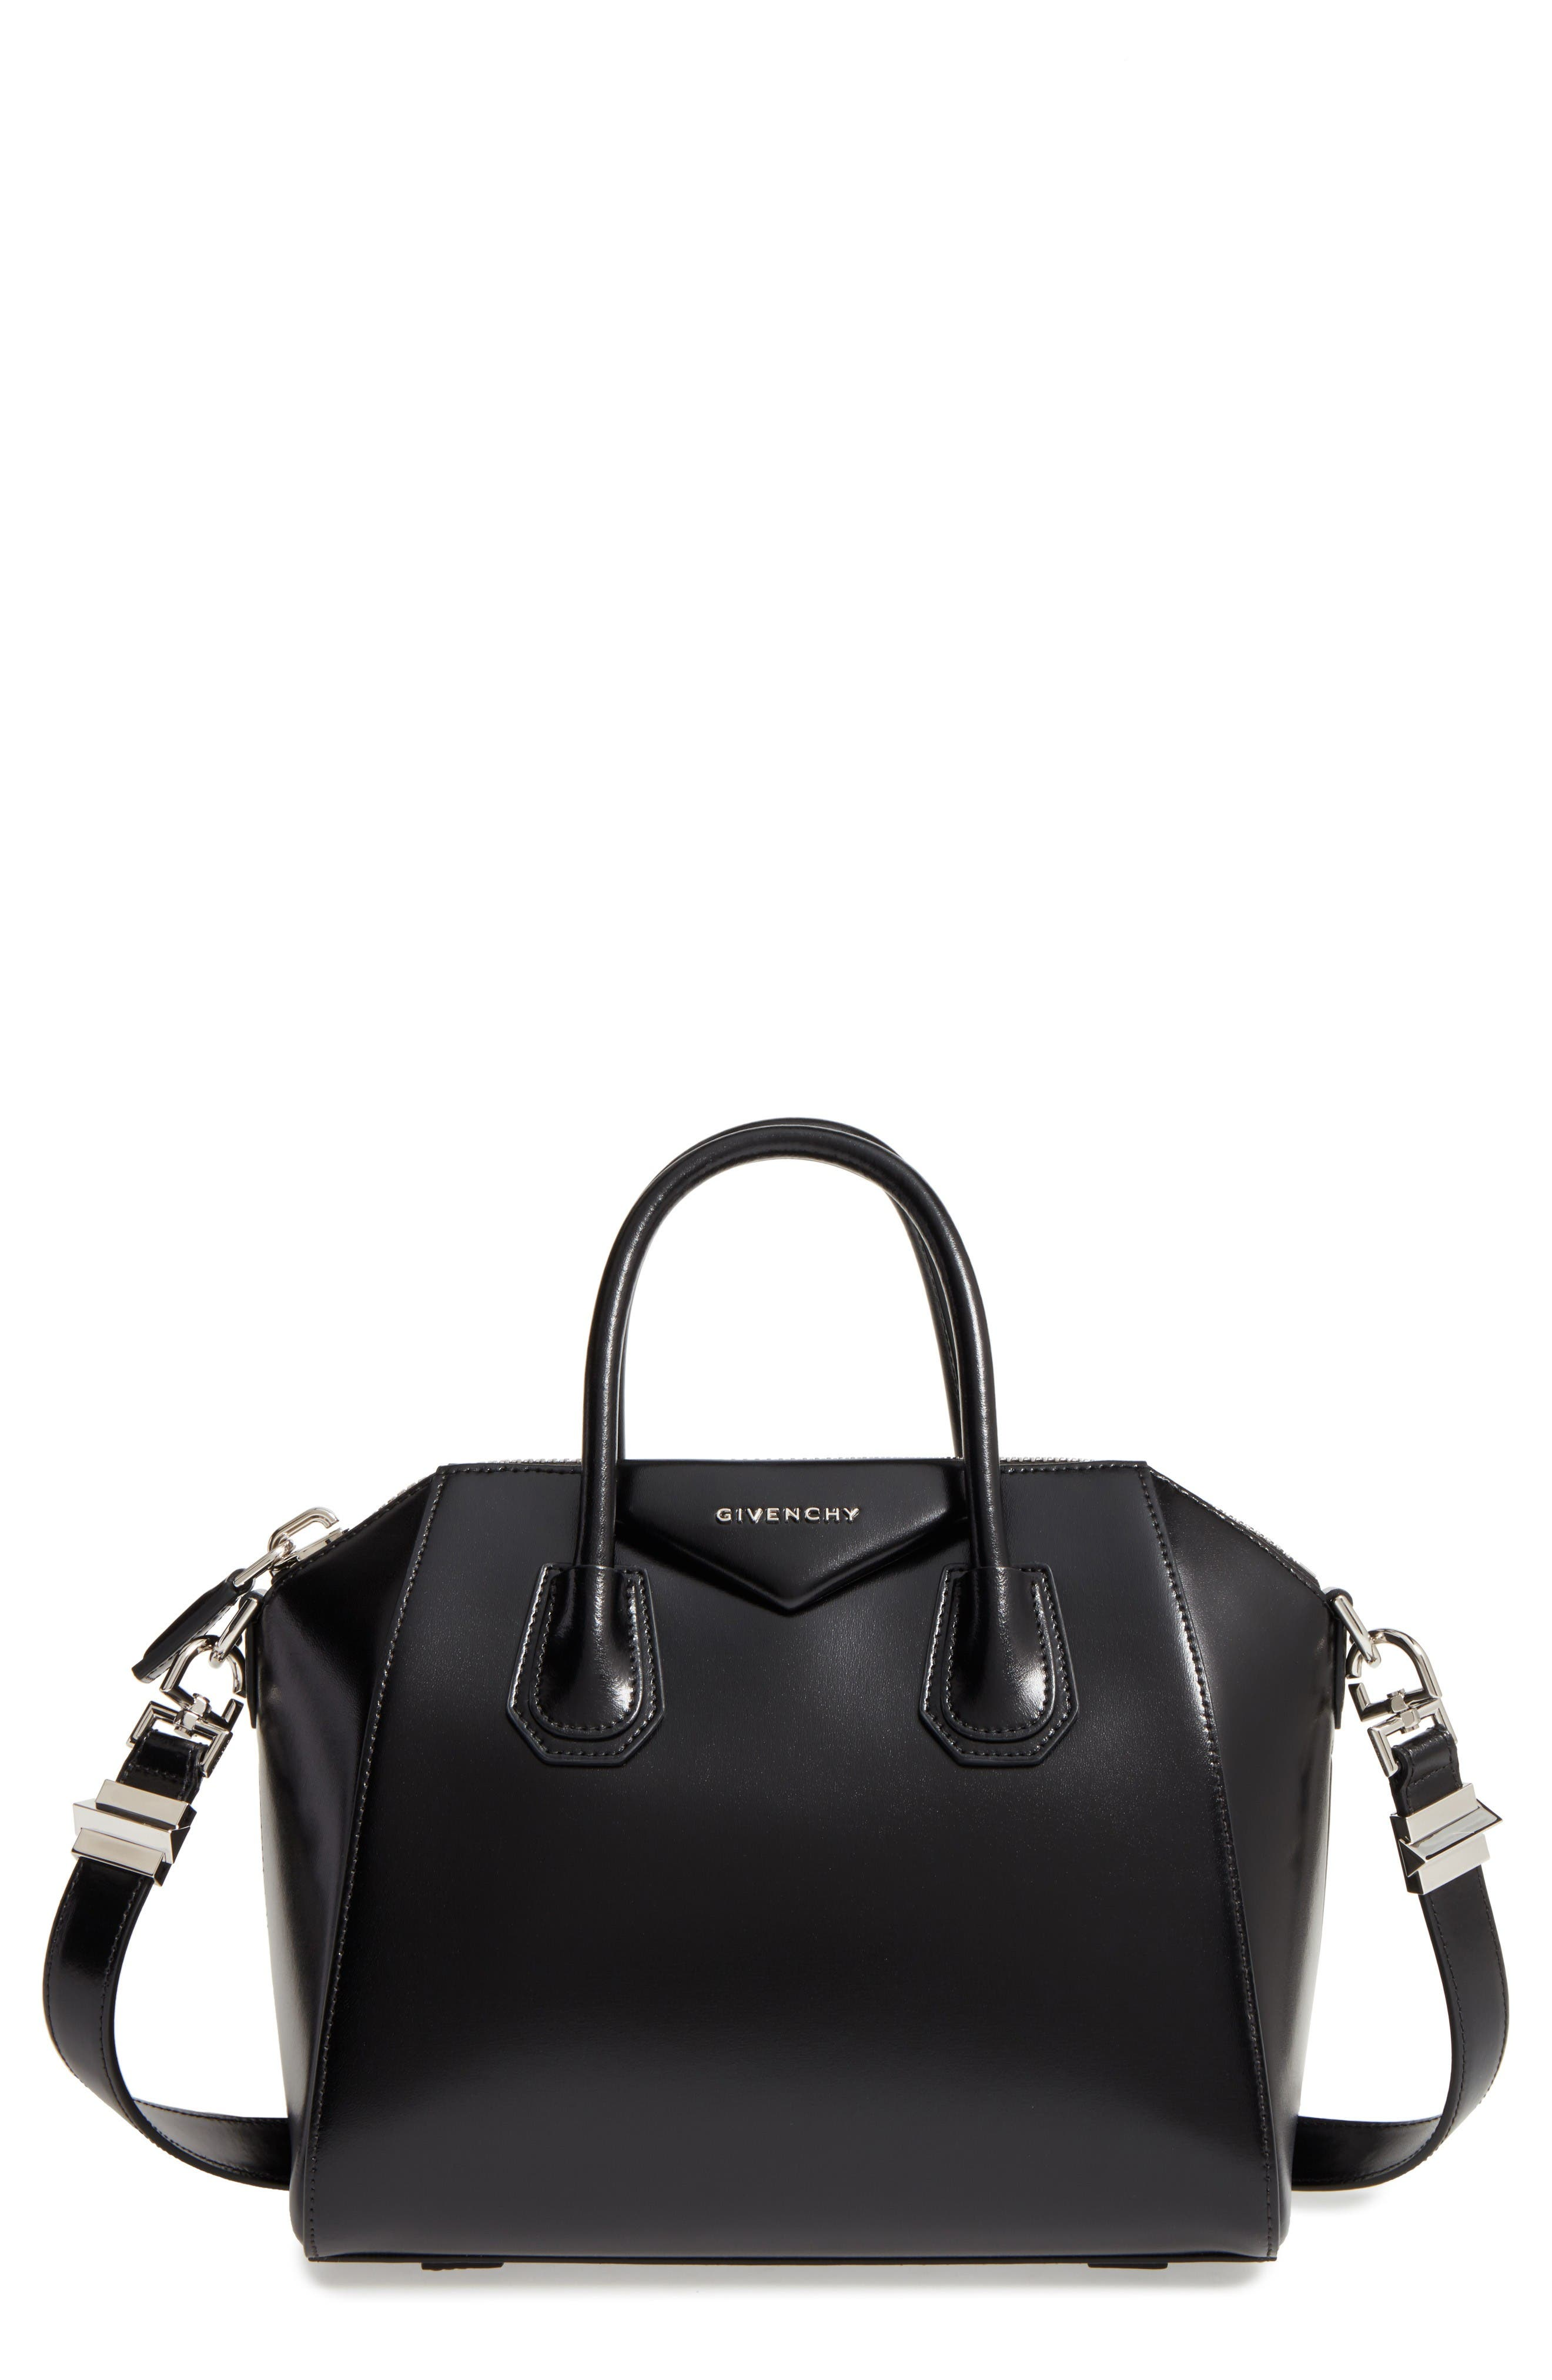 Main Image - Givenchy Small Antigona Box Leather Satchel